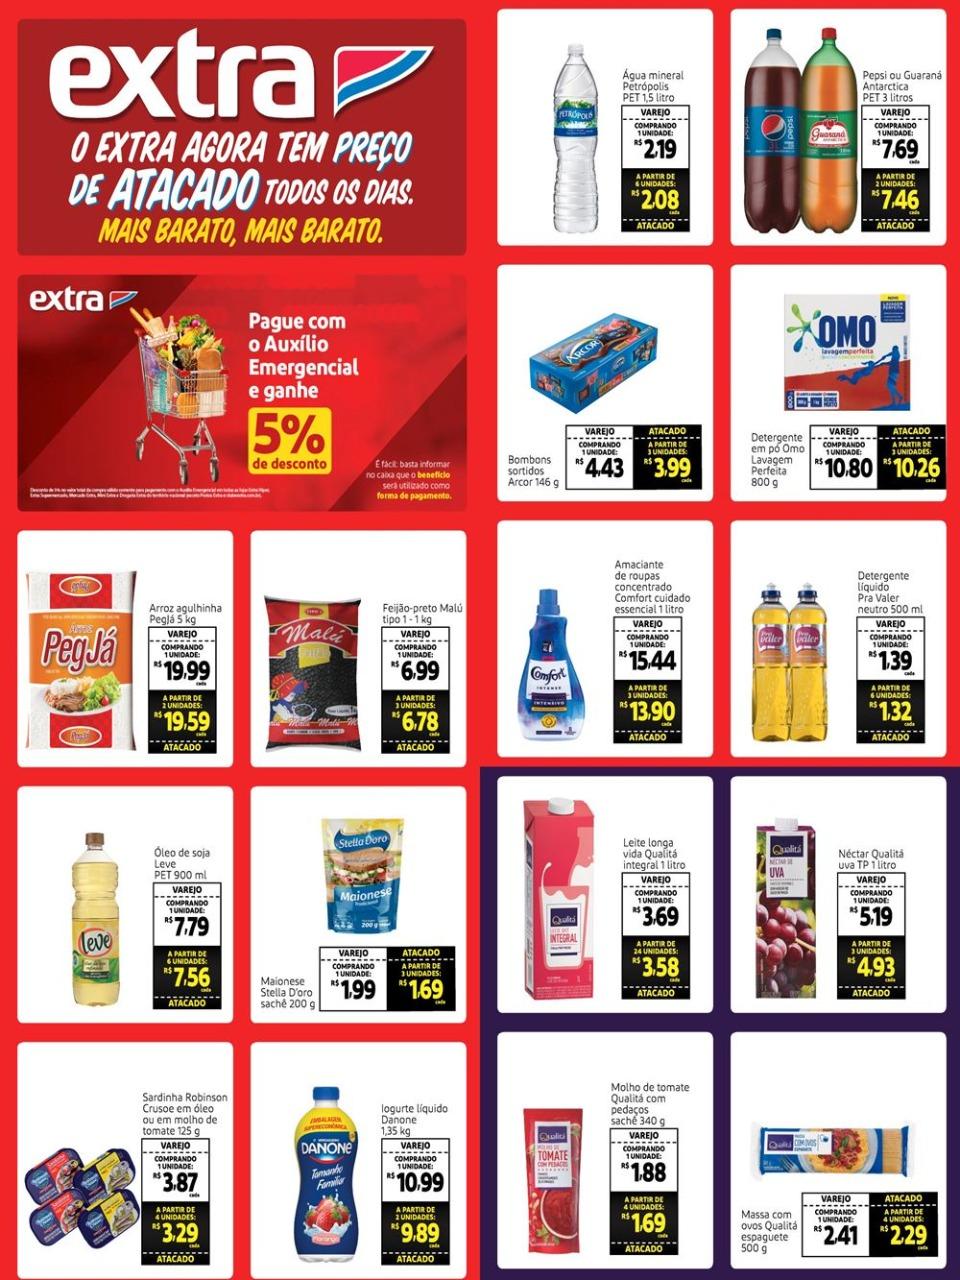 WhatsApp-Image-2021-06-11-at-11.14.38 Final de Semana Extra Hiper Preço de Atacado ofertas hoje até 13/06